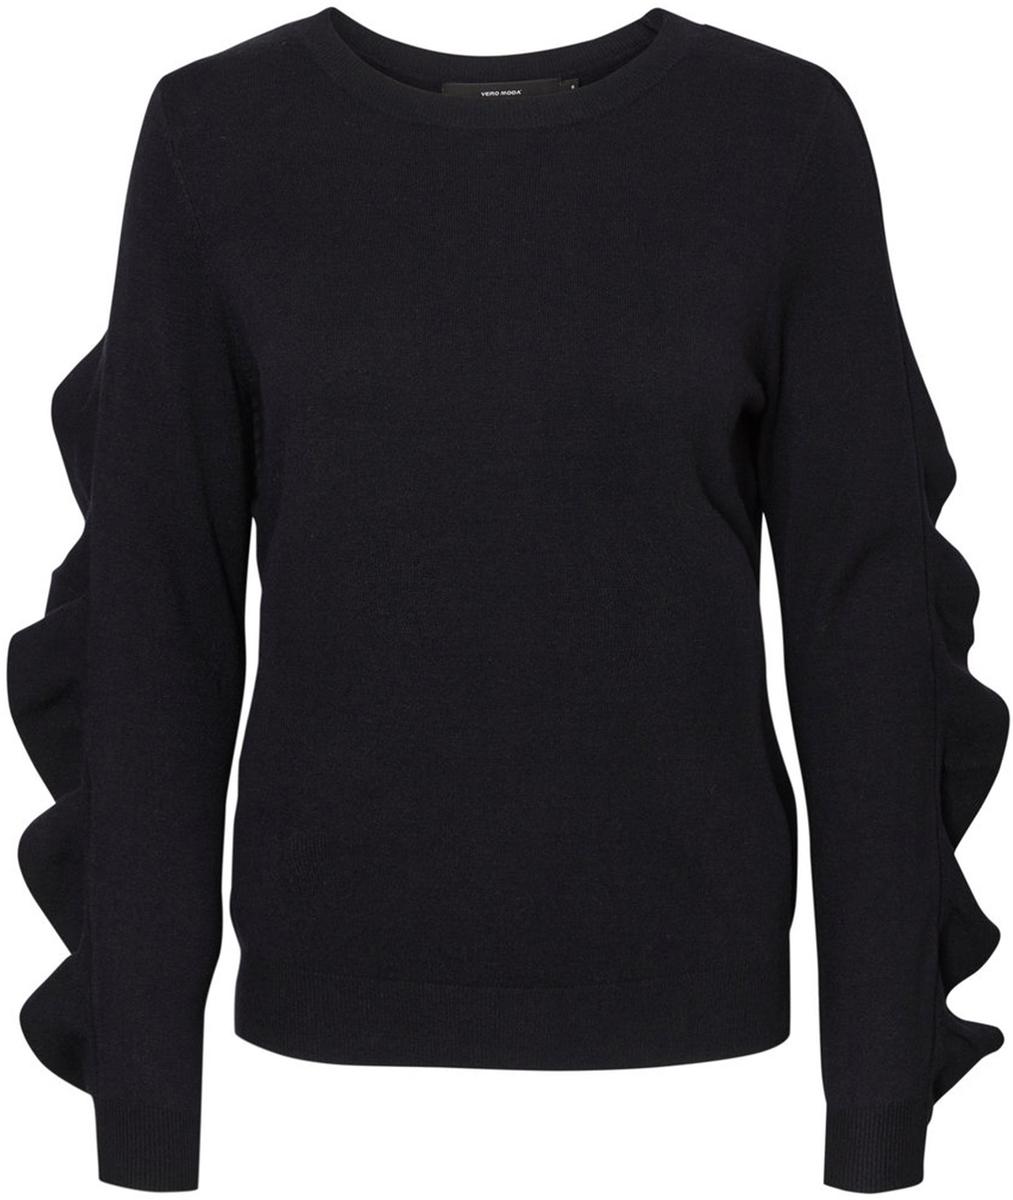 Джемпер женский Vero Moda, цвет: черный. 10185482_Black. Размер L (48)10185482_BlackДжемпер женский Vero Moda выполнен из качественного материала. Модель с круглым вырезом горловины и длинными рукавами.